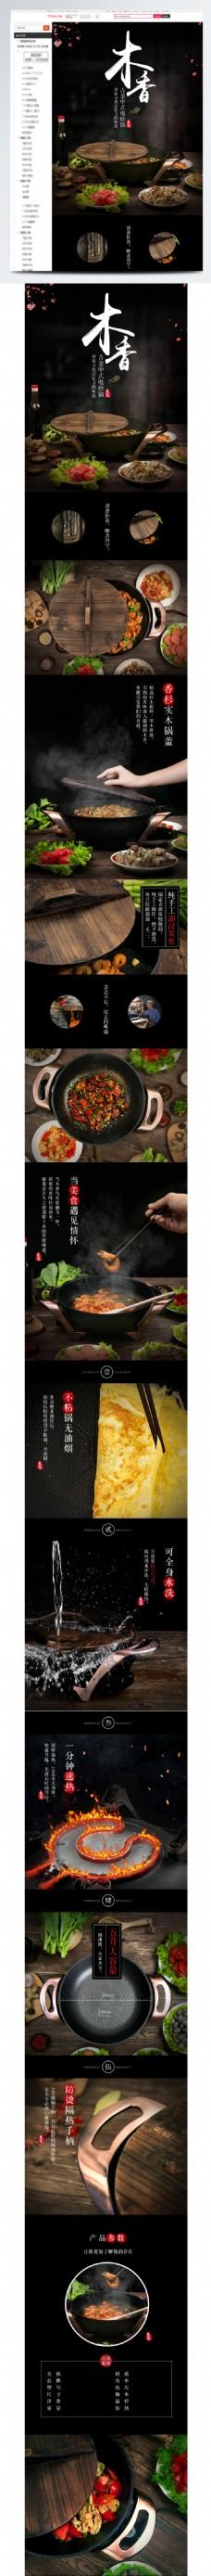 淘宝天猫电火锅详情页